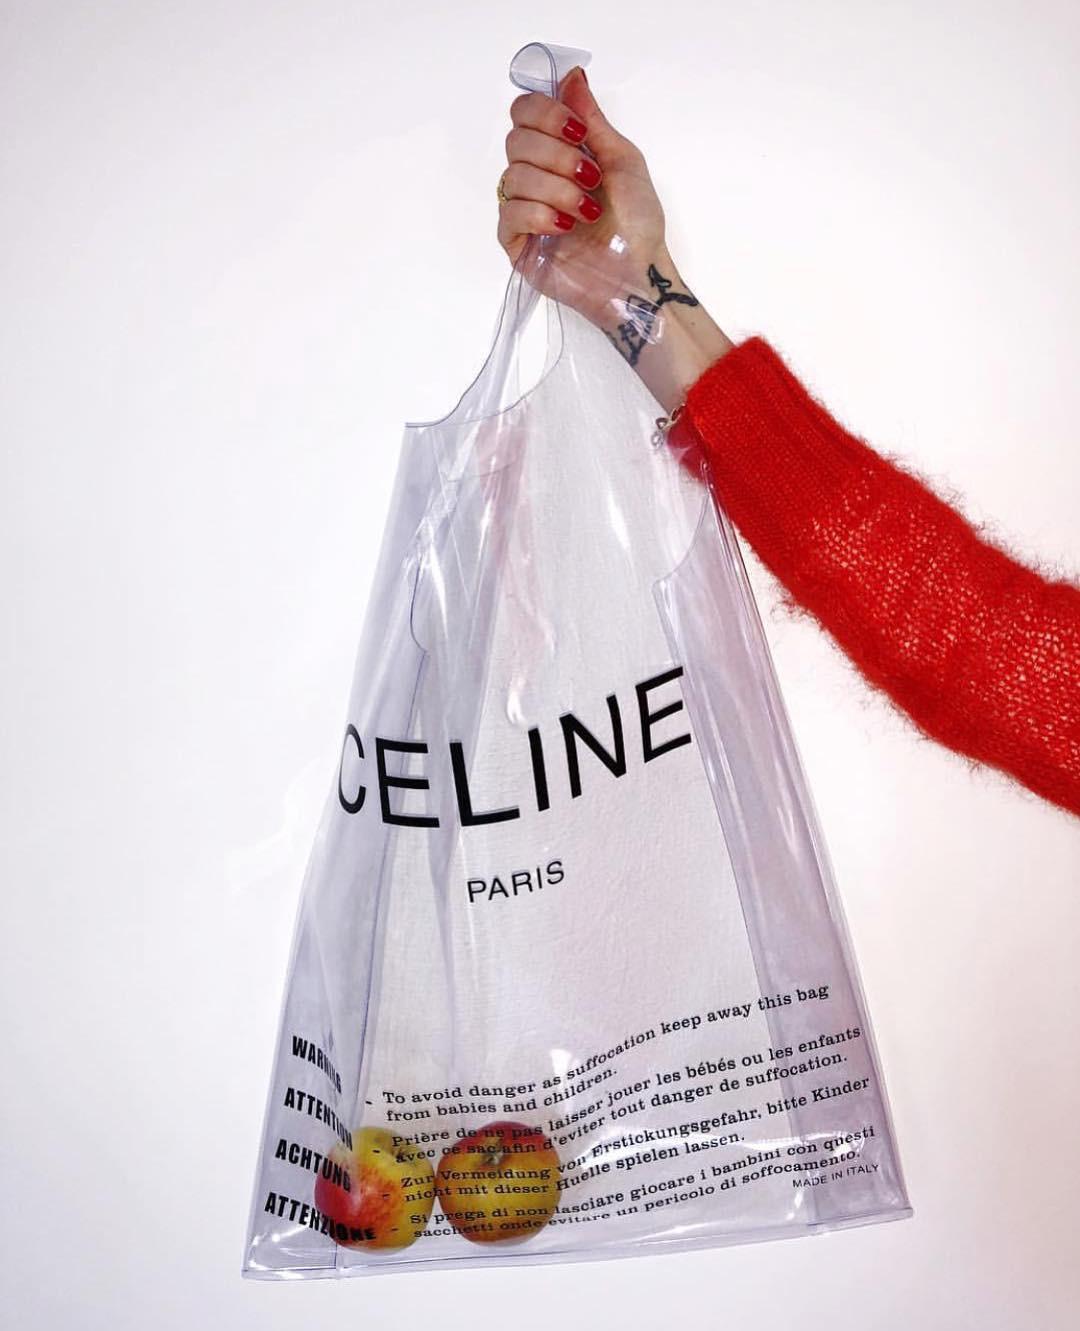 Trông hệt như túi nilon đi chợ nhưng túi nhựa trong có giá hơn 20 triệu của Celine đang được các tín đồ thời trang thích điên cuồng - Ảnh 2.